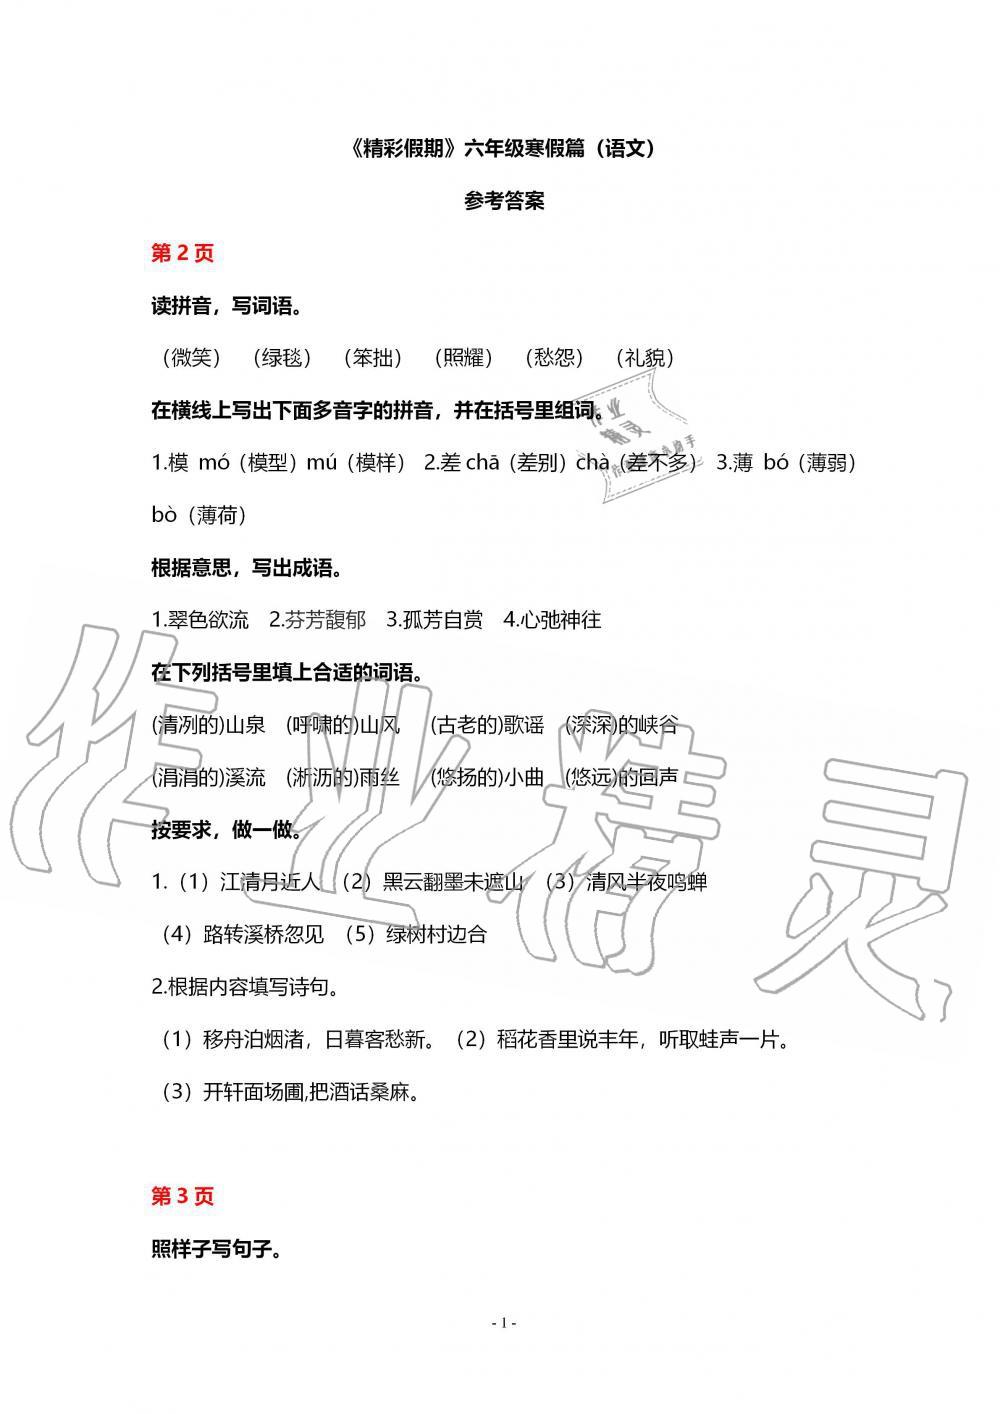 2020年鹏教图书精彩假期寒假篇六年级第1页